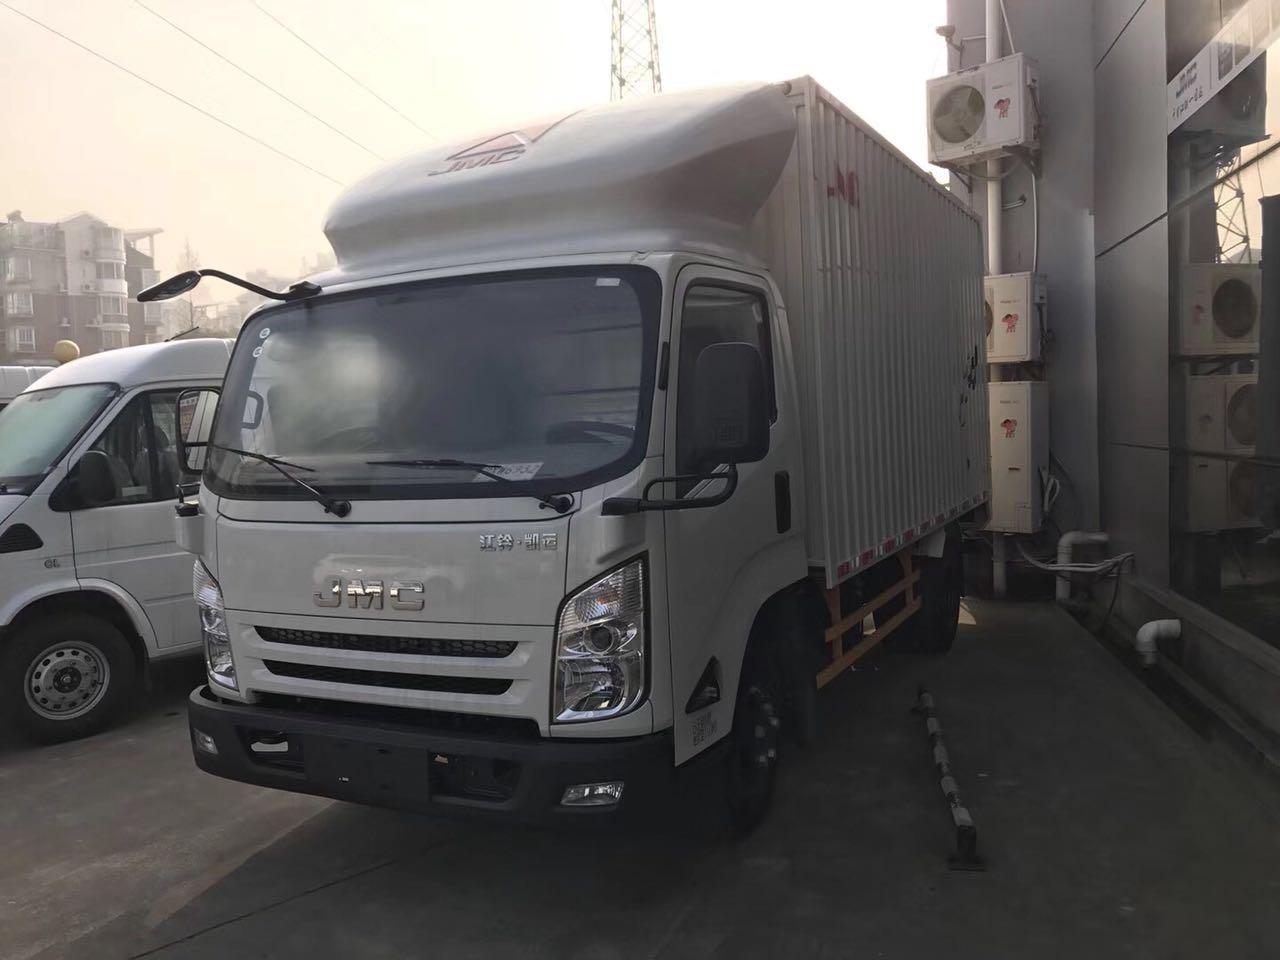 闵行区职业江铃货车专业团队在线服务 来电咨询「上海宏灿汽车销售供应」